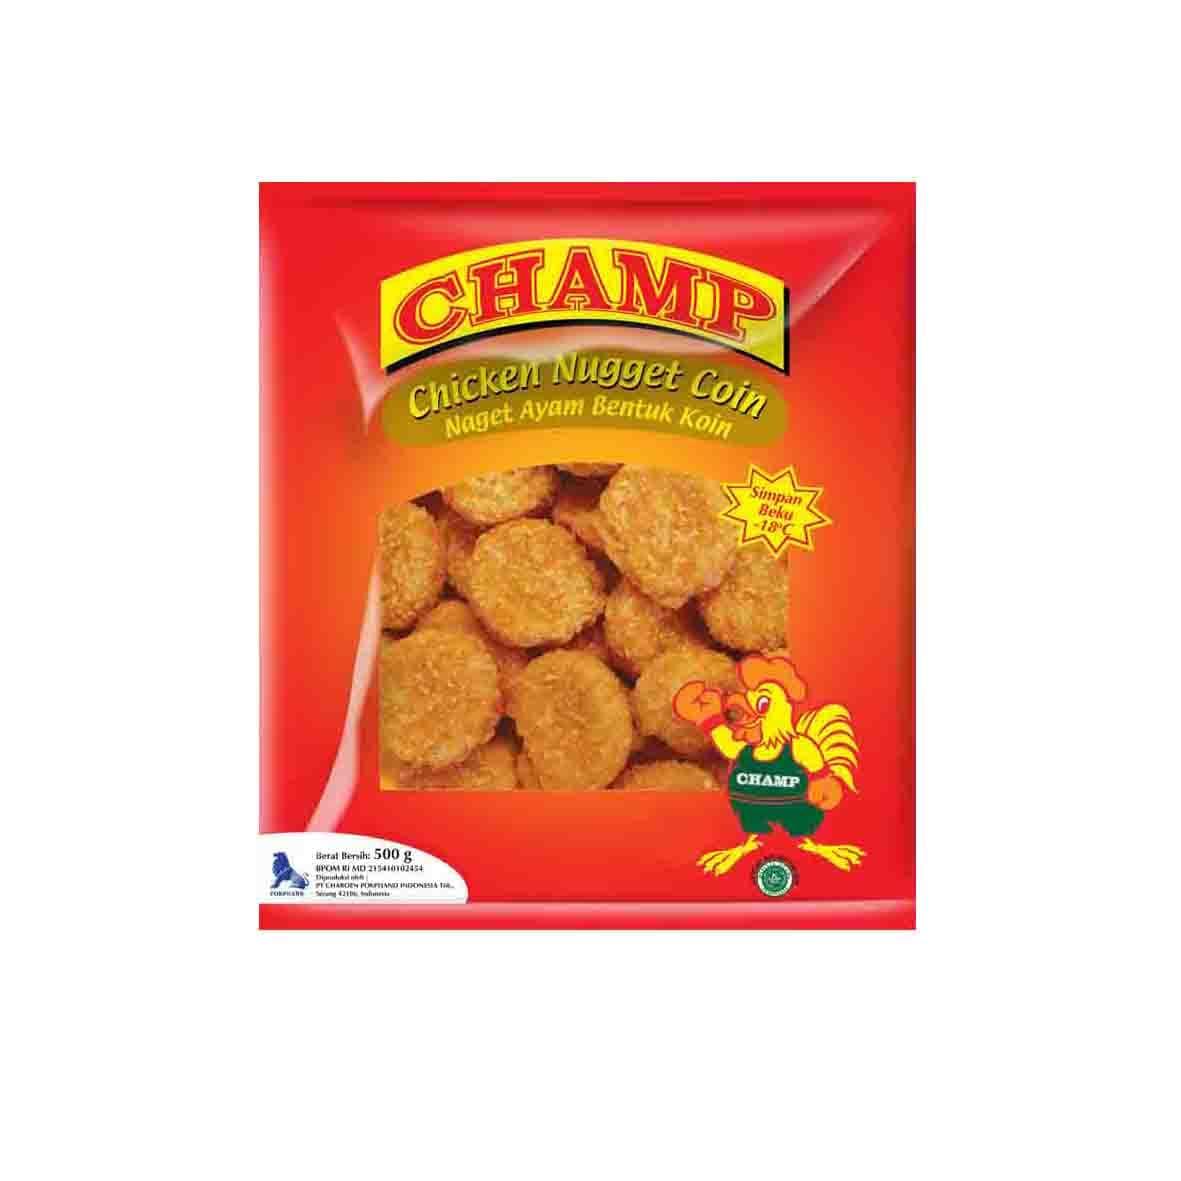 Champ Paket Nugget Coin Makanan Instant 500 G (4 Pcs)